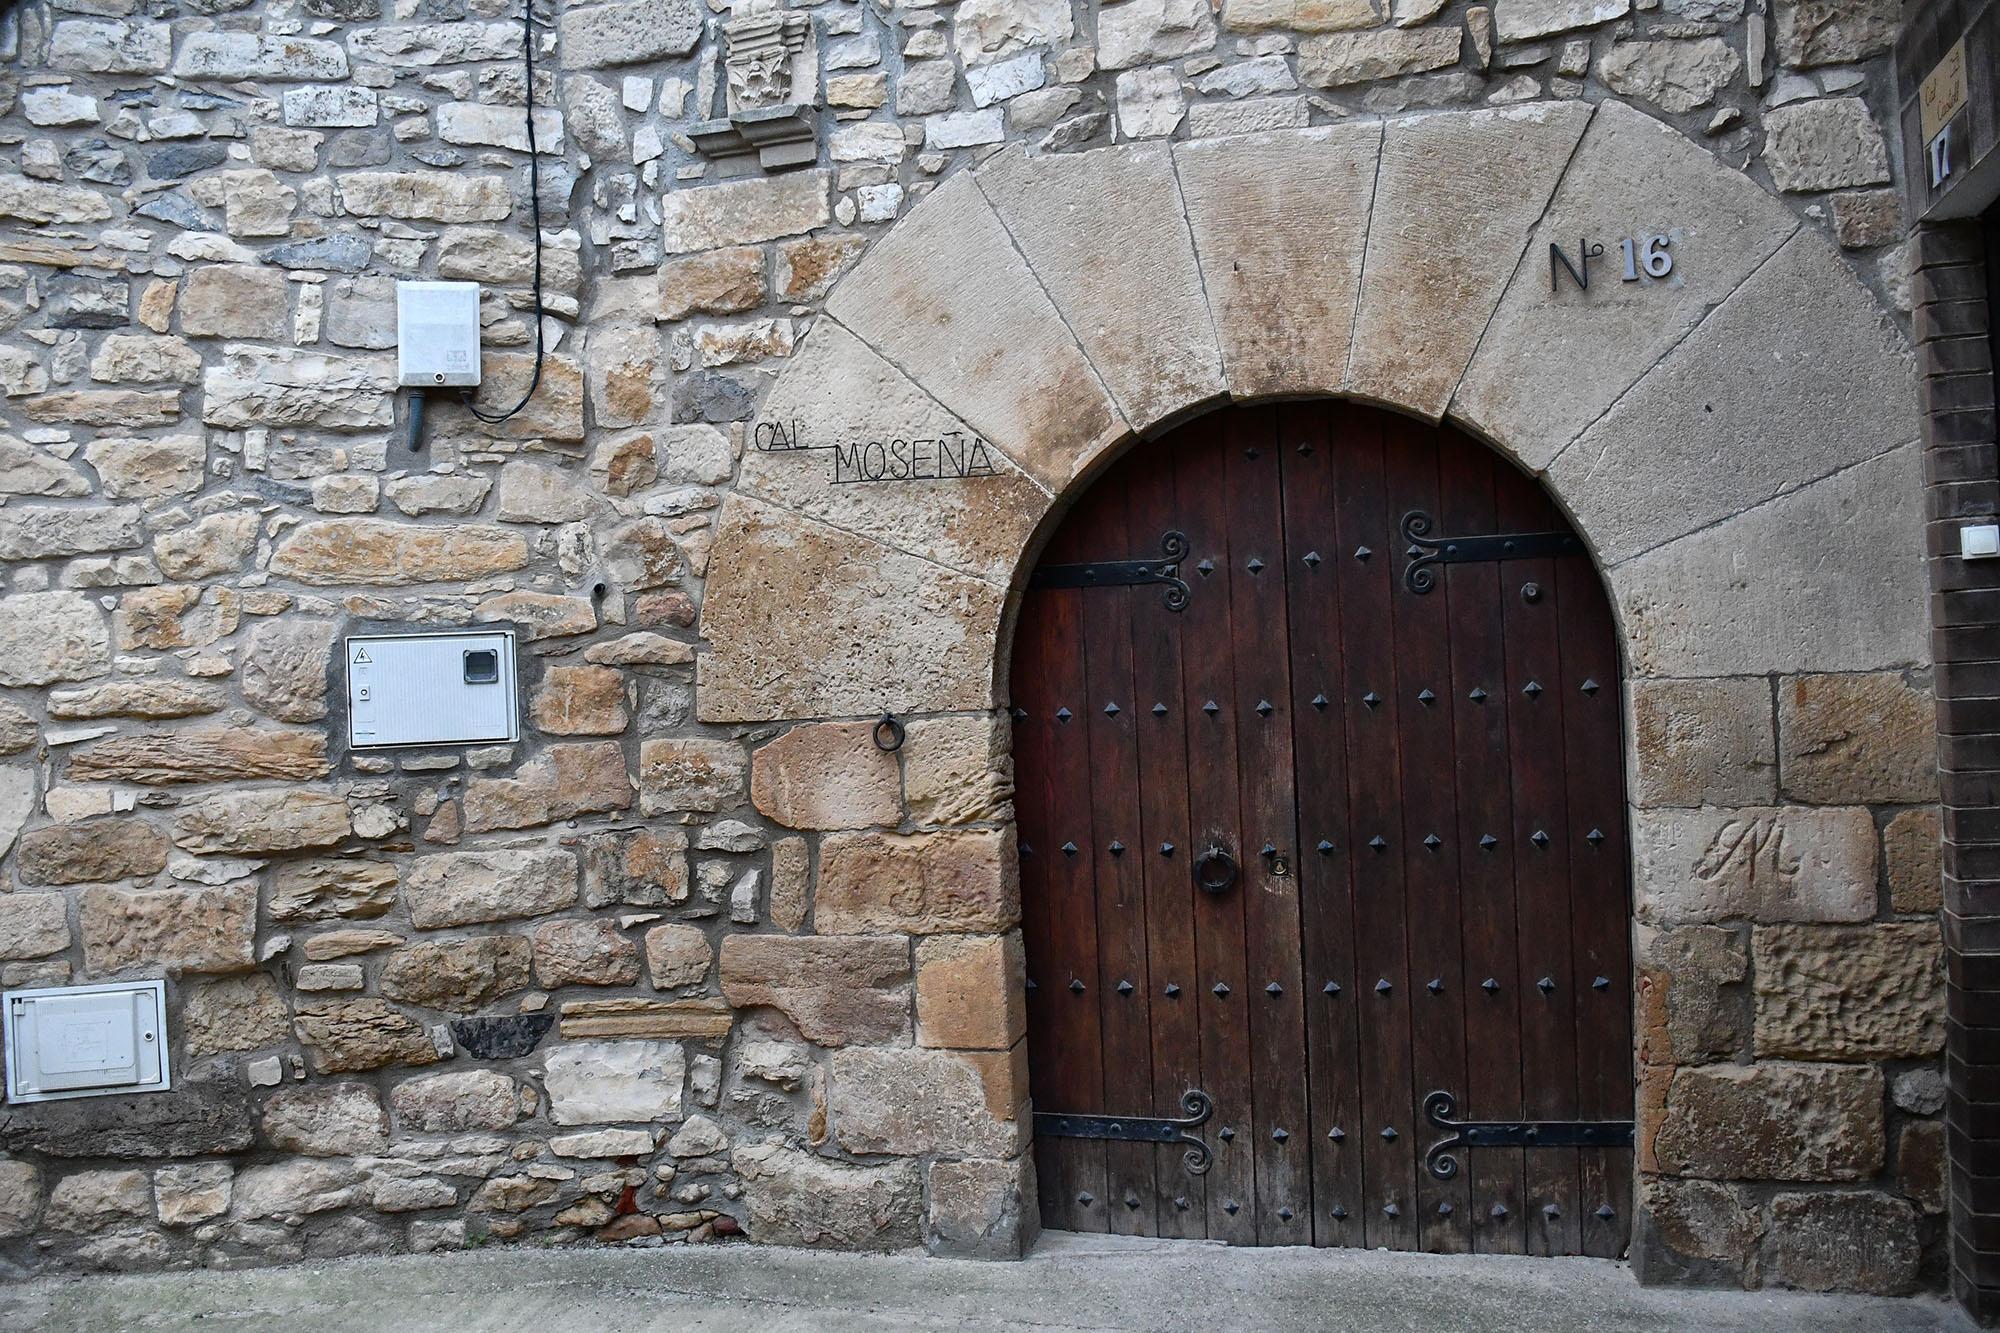 Castillo Cal Mosenya